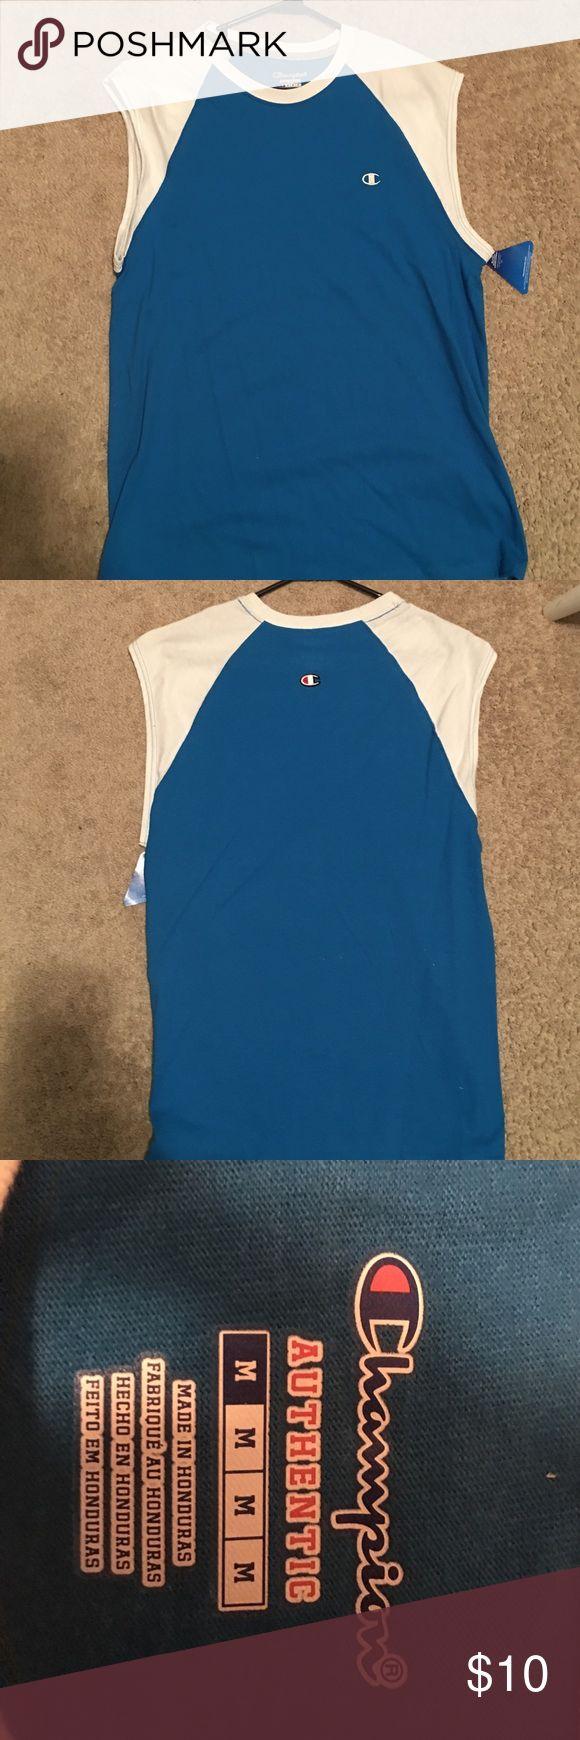 Sleeveless Champion Shirt Blue/White Athletic Sleeveless Champion shirt *Never Been Worn* Champion Shirts